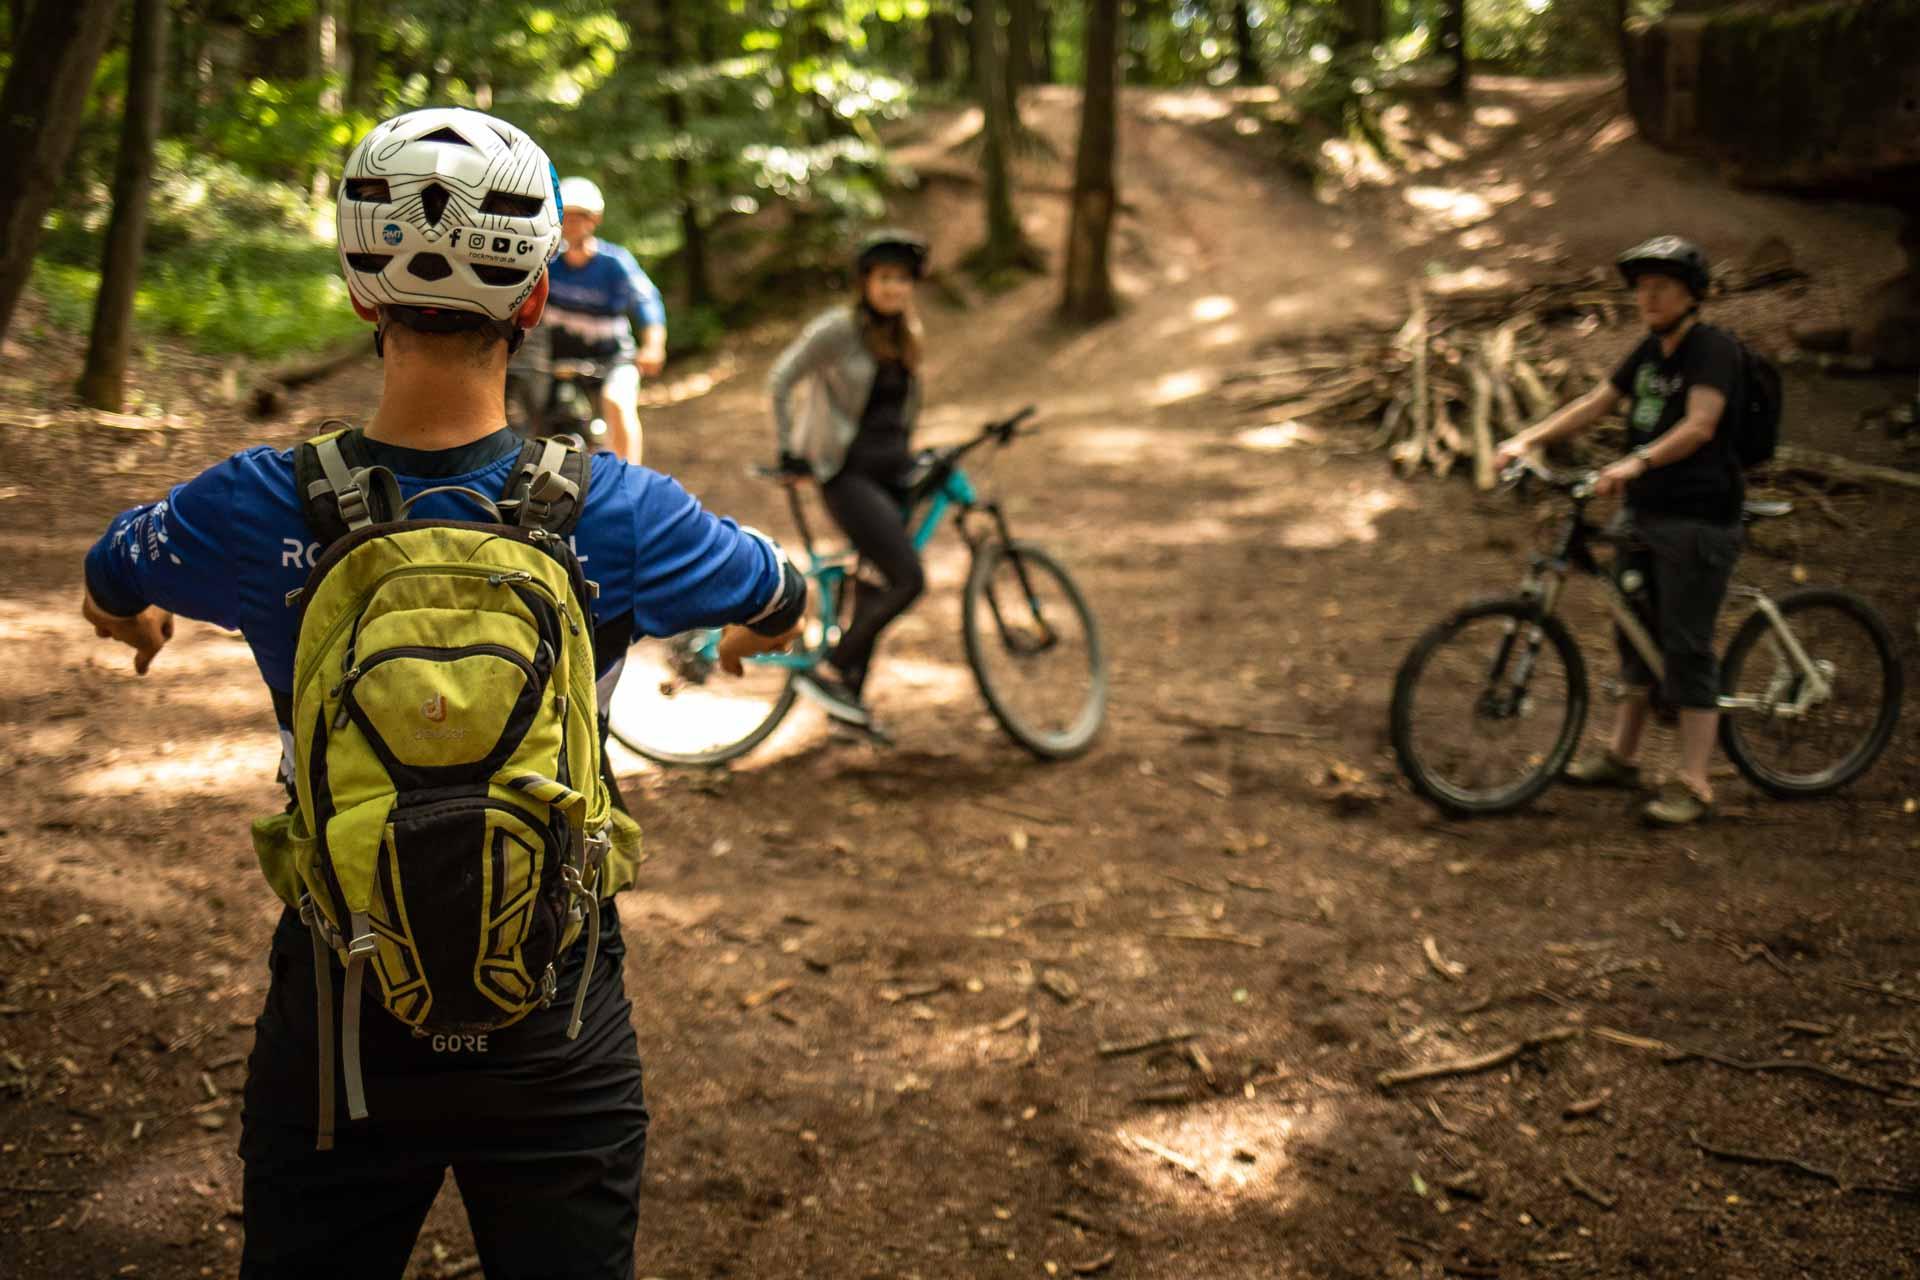 MTB Fahrtechnik Kurs für Einsteiger in Bad Orb   Spessart - Mountainbike Basic - Rock my Trail Bikeschule - 32